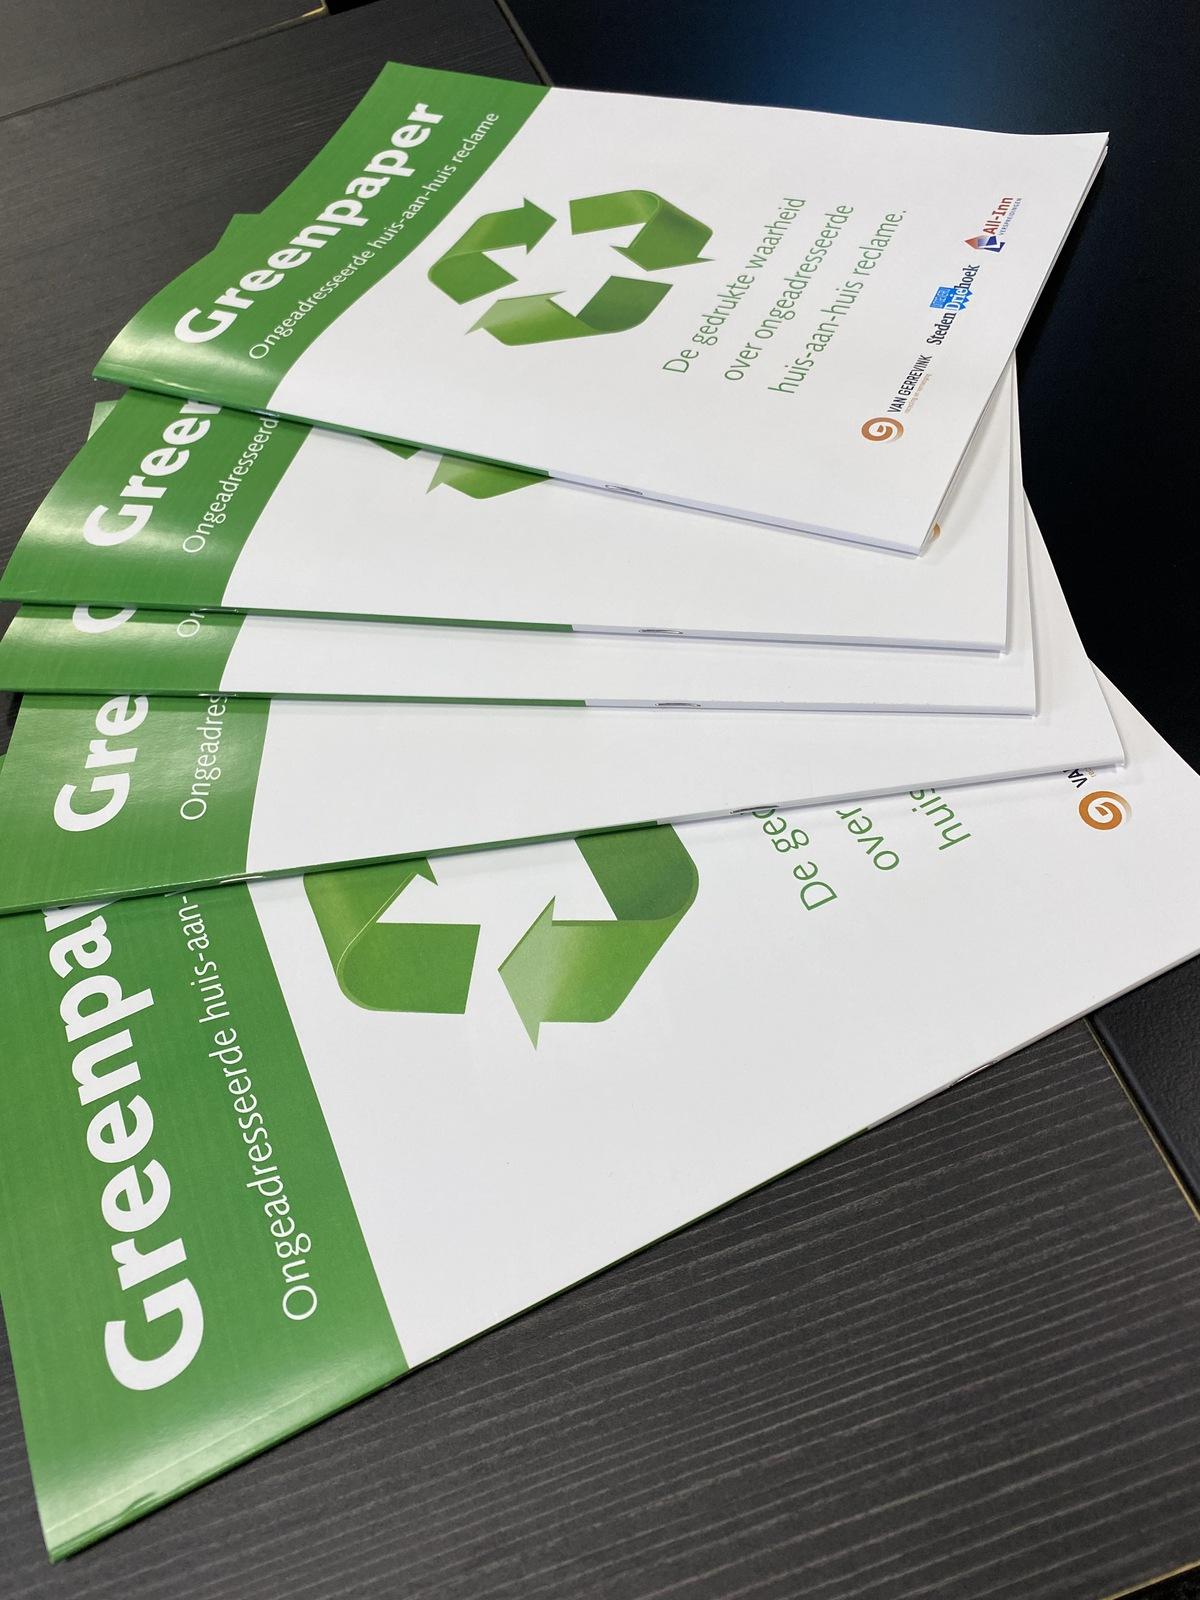 Hoe duurzaam is papier nou eigenlijk?